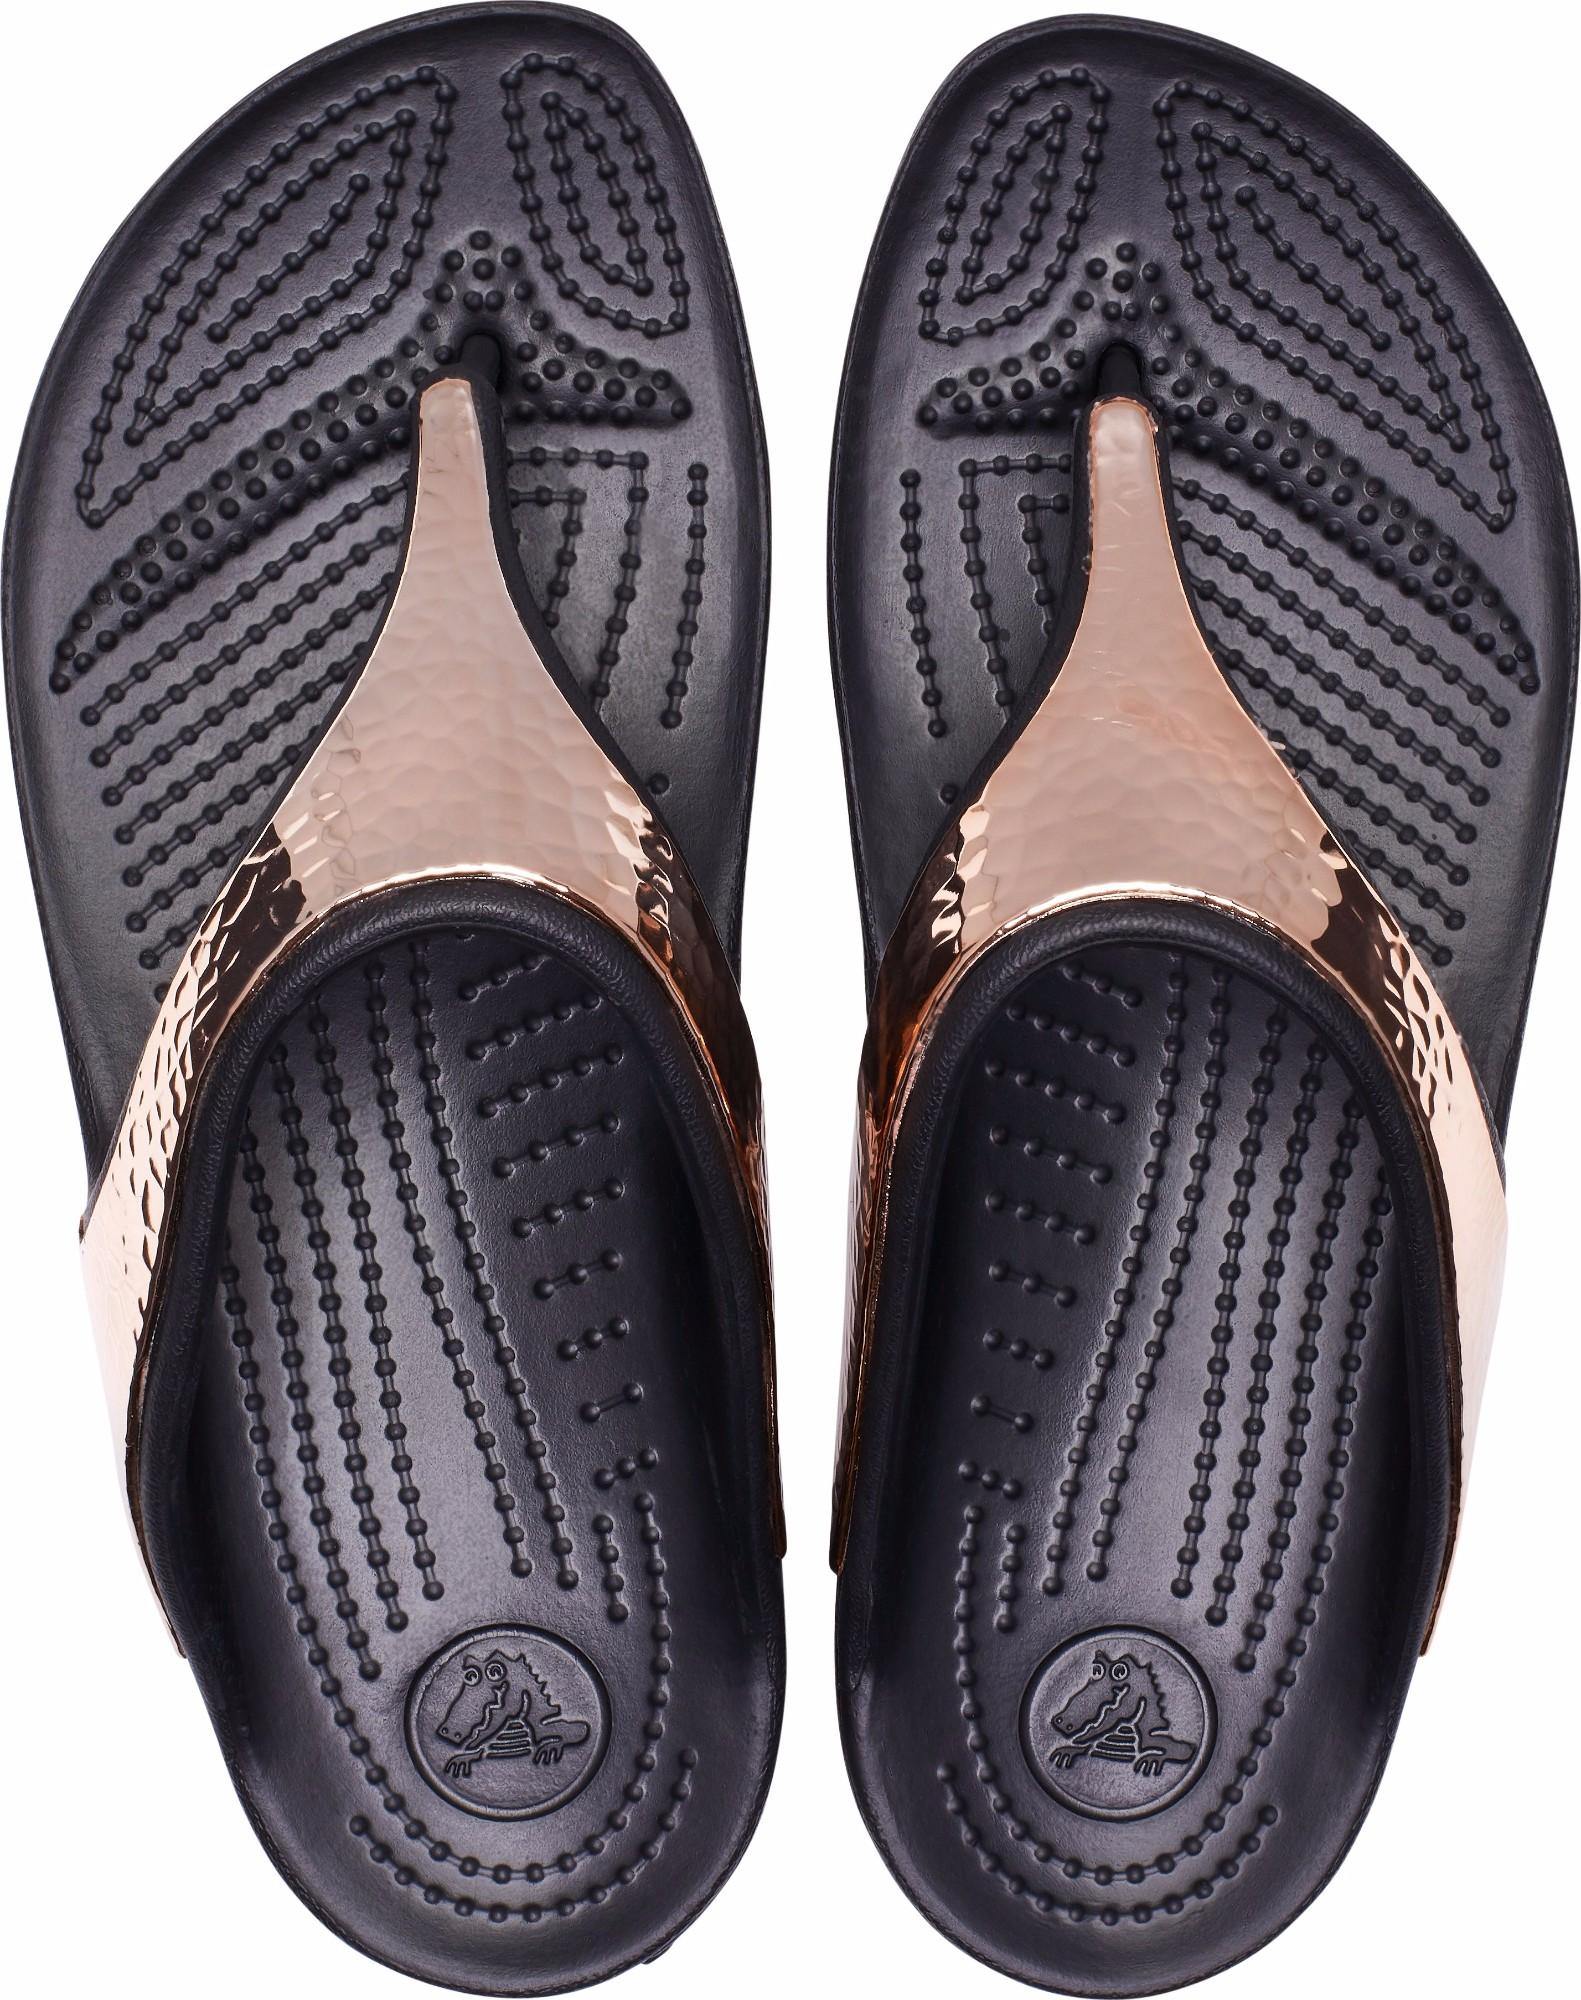 3654abd61fc Crocs™ Sloane Hammered Metallic Flip | OPEN24.EE